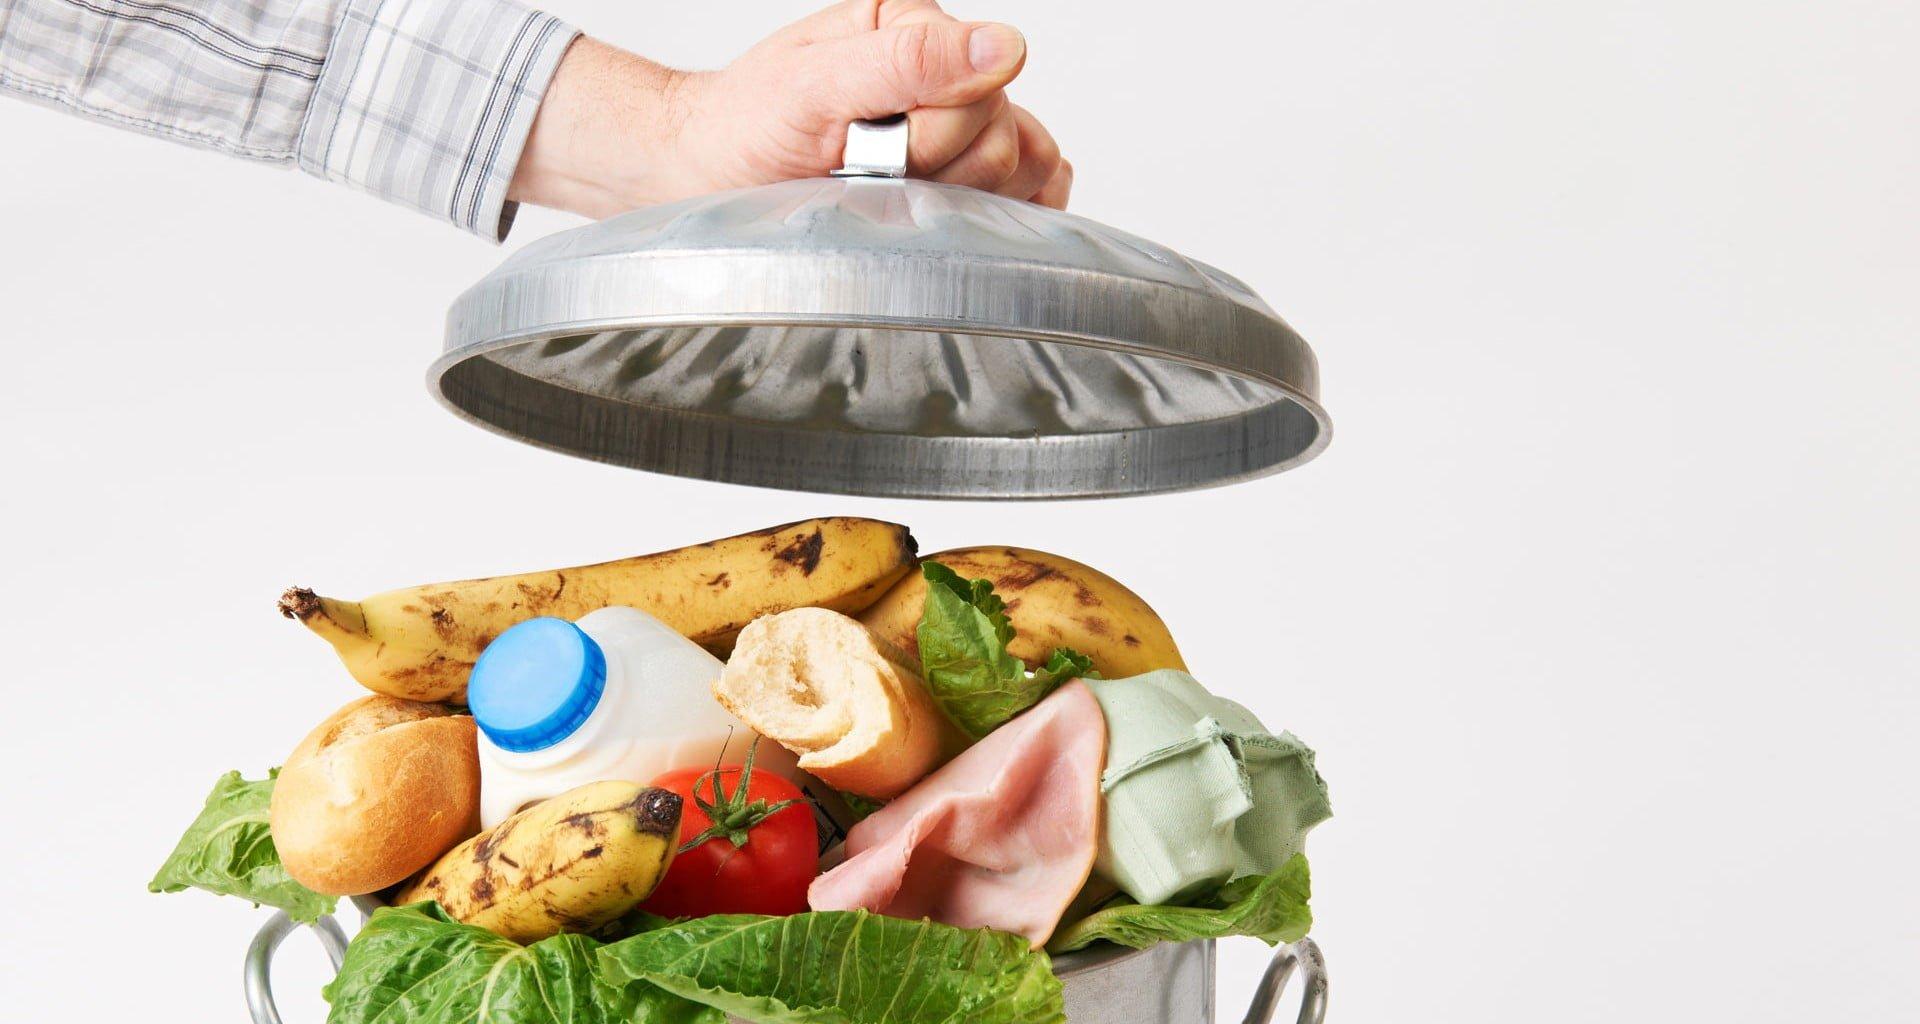 ONU: 17% de los alimentos disponibles en el mundo acaba en la basura